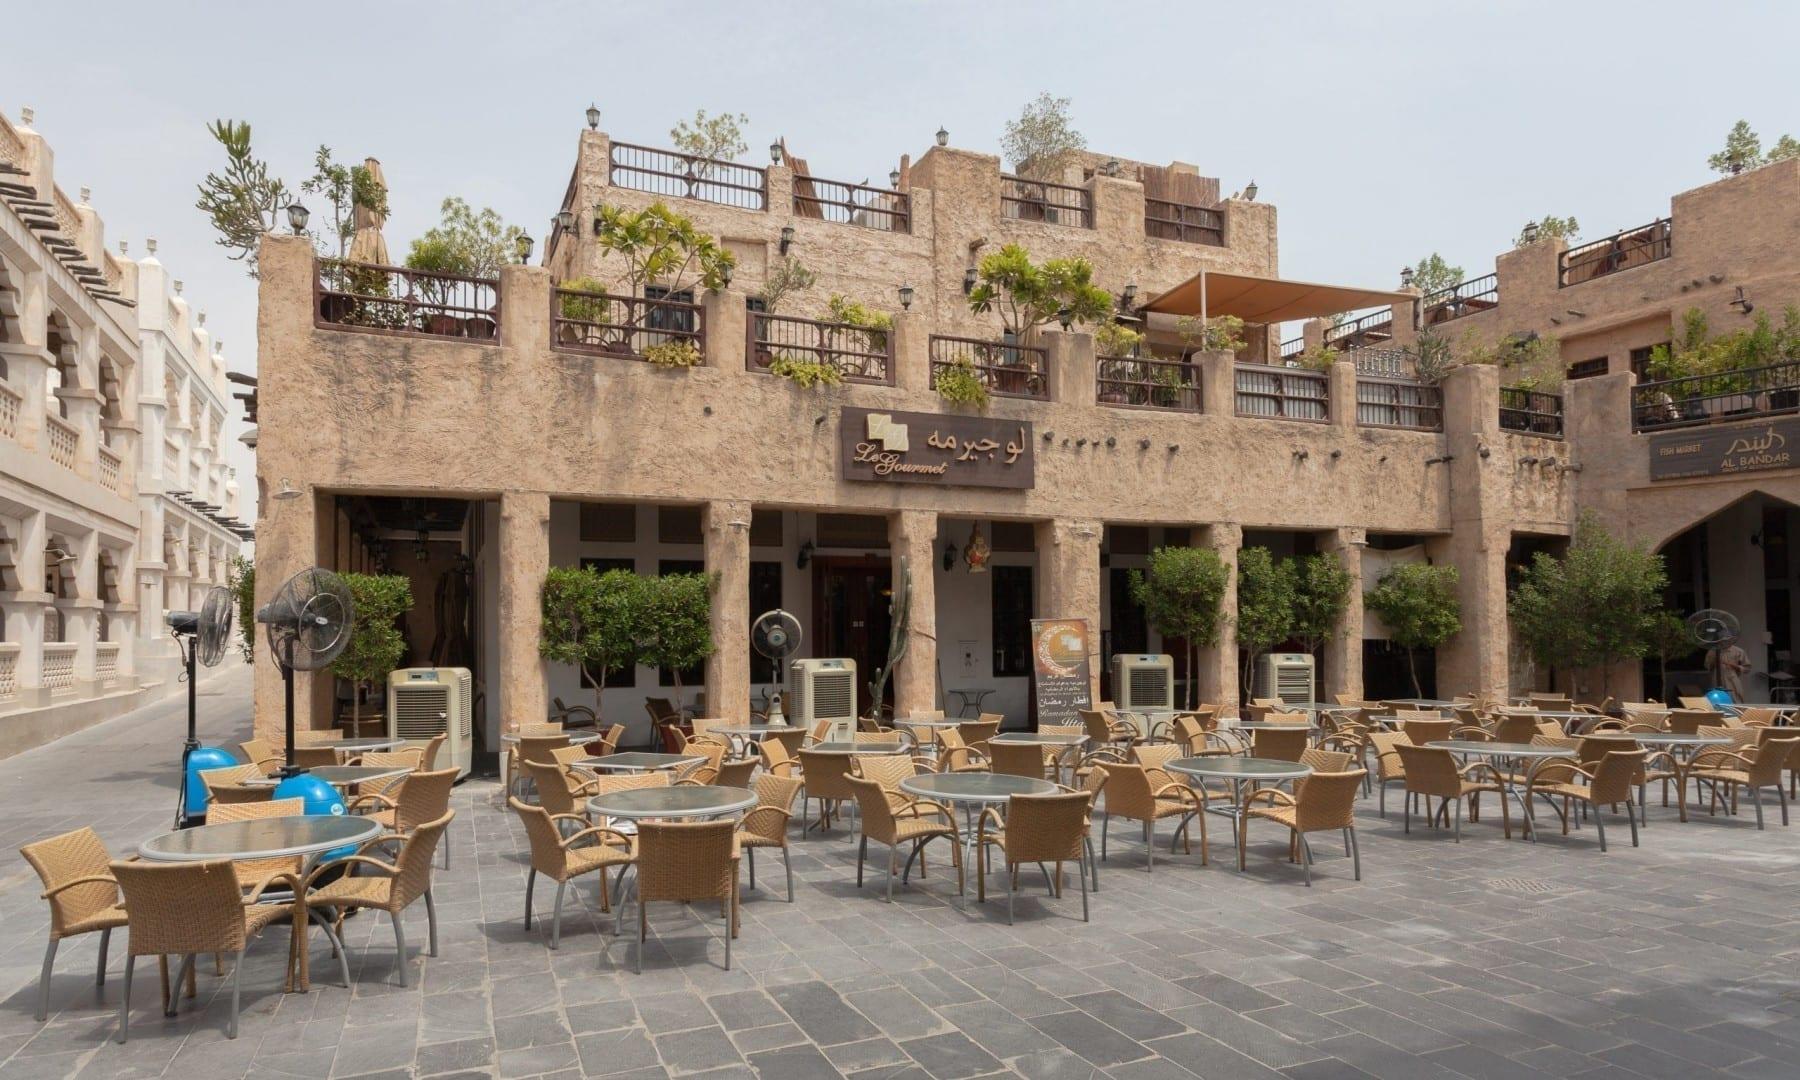 Restaurante en Souq Waqif Catar